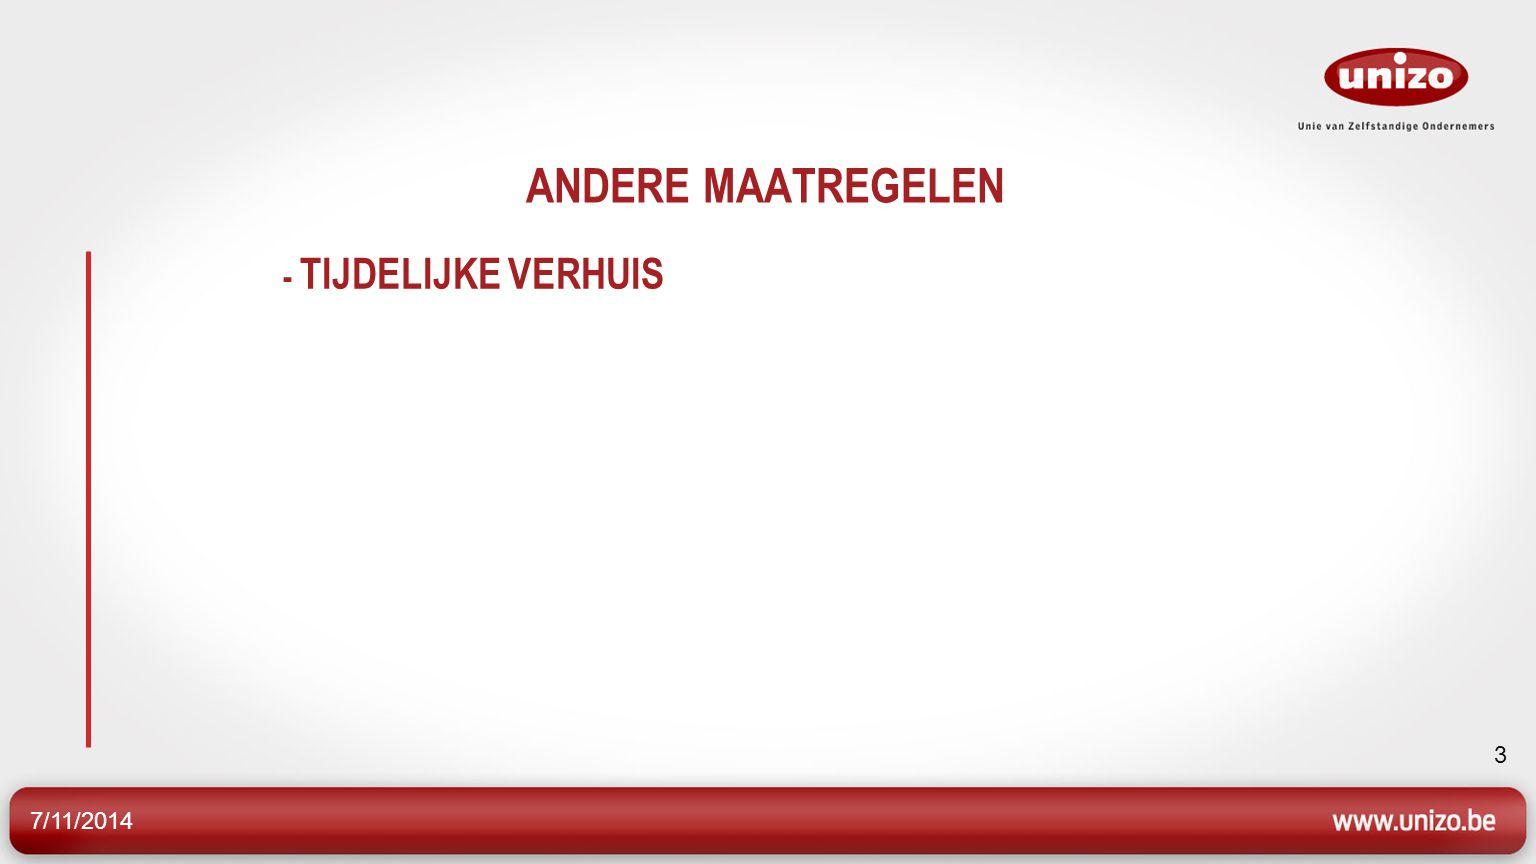 7/11/2014 3 ANDERE MAATREGELEN - TIJDELIJKE VERHUIS